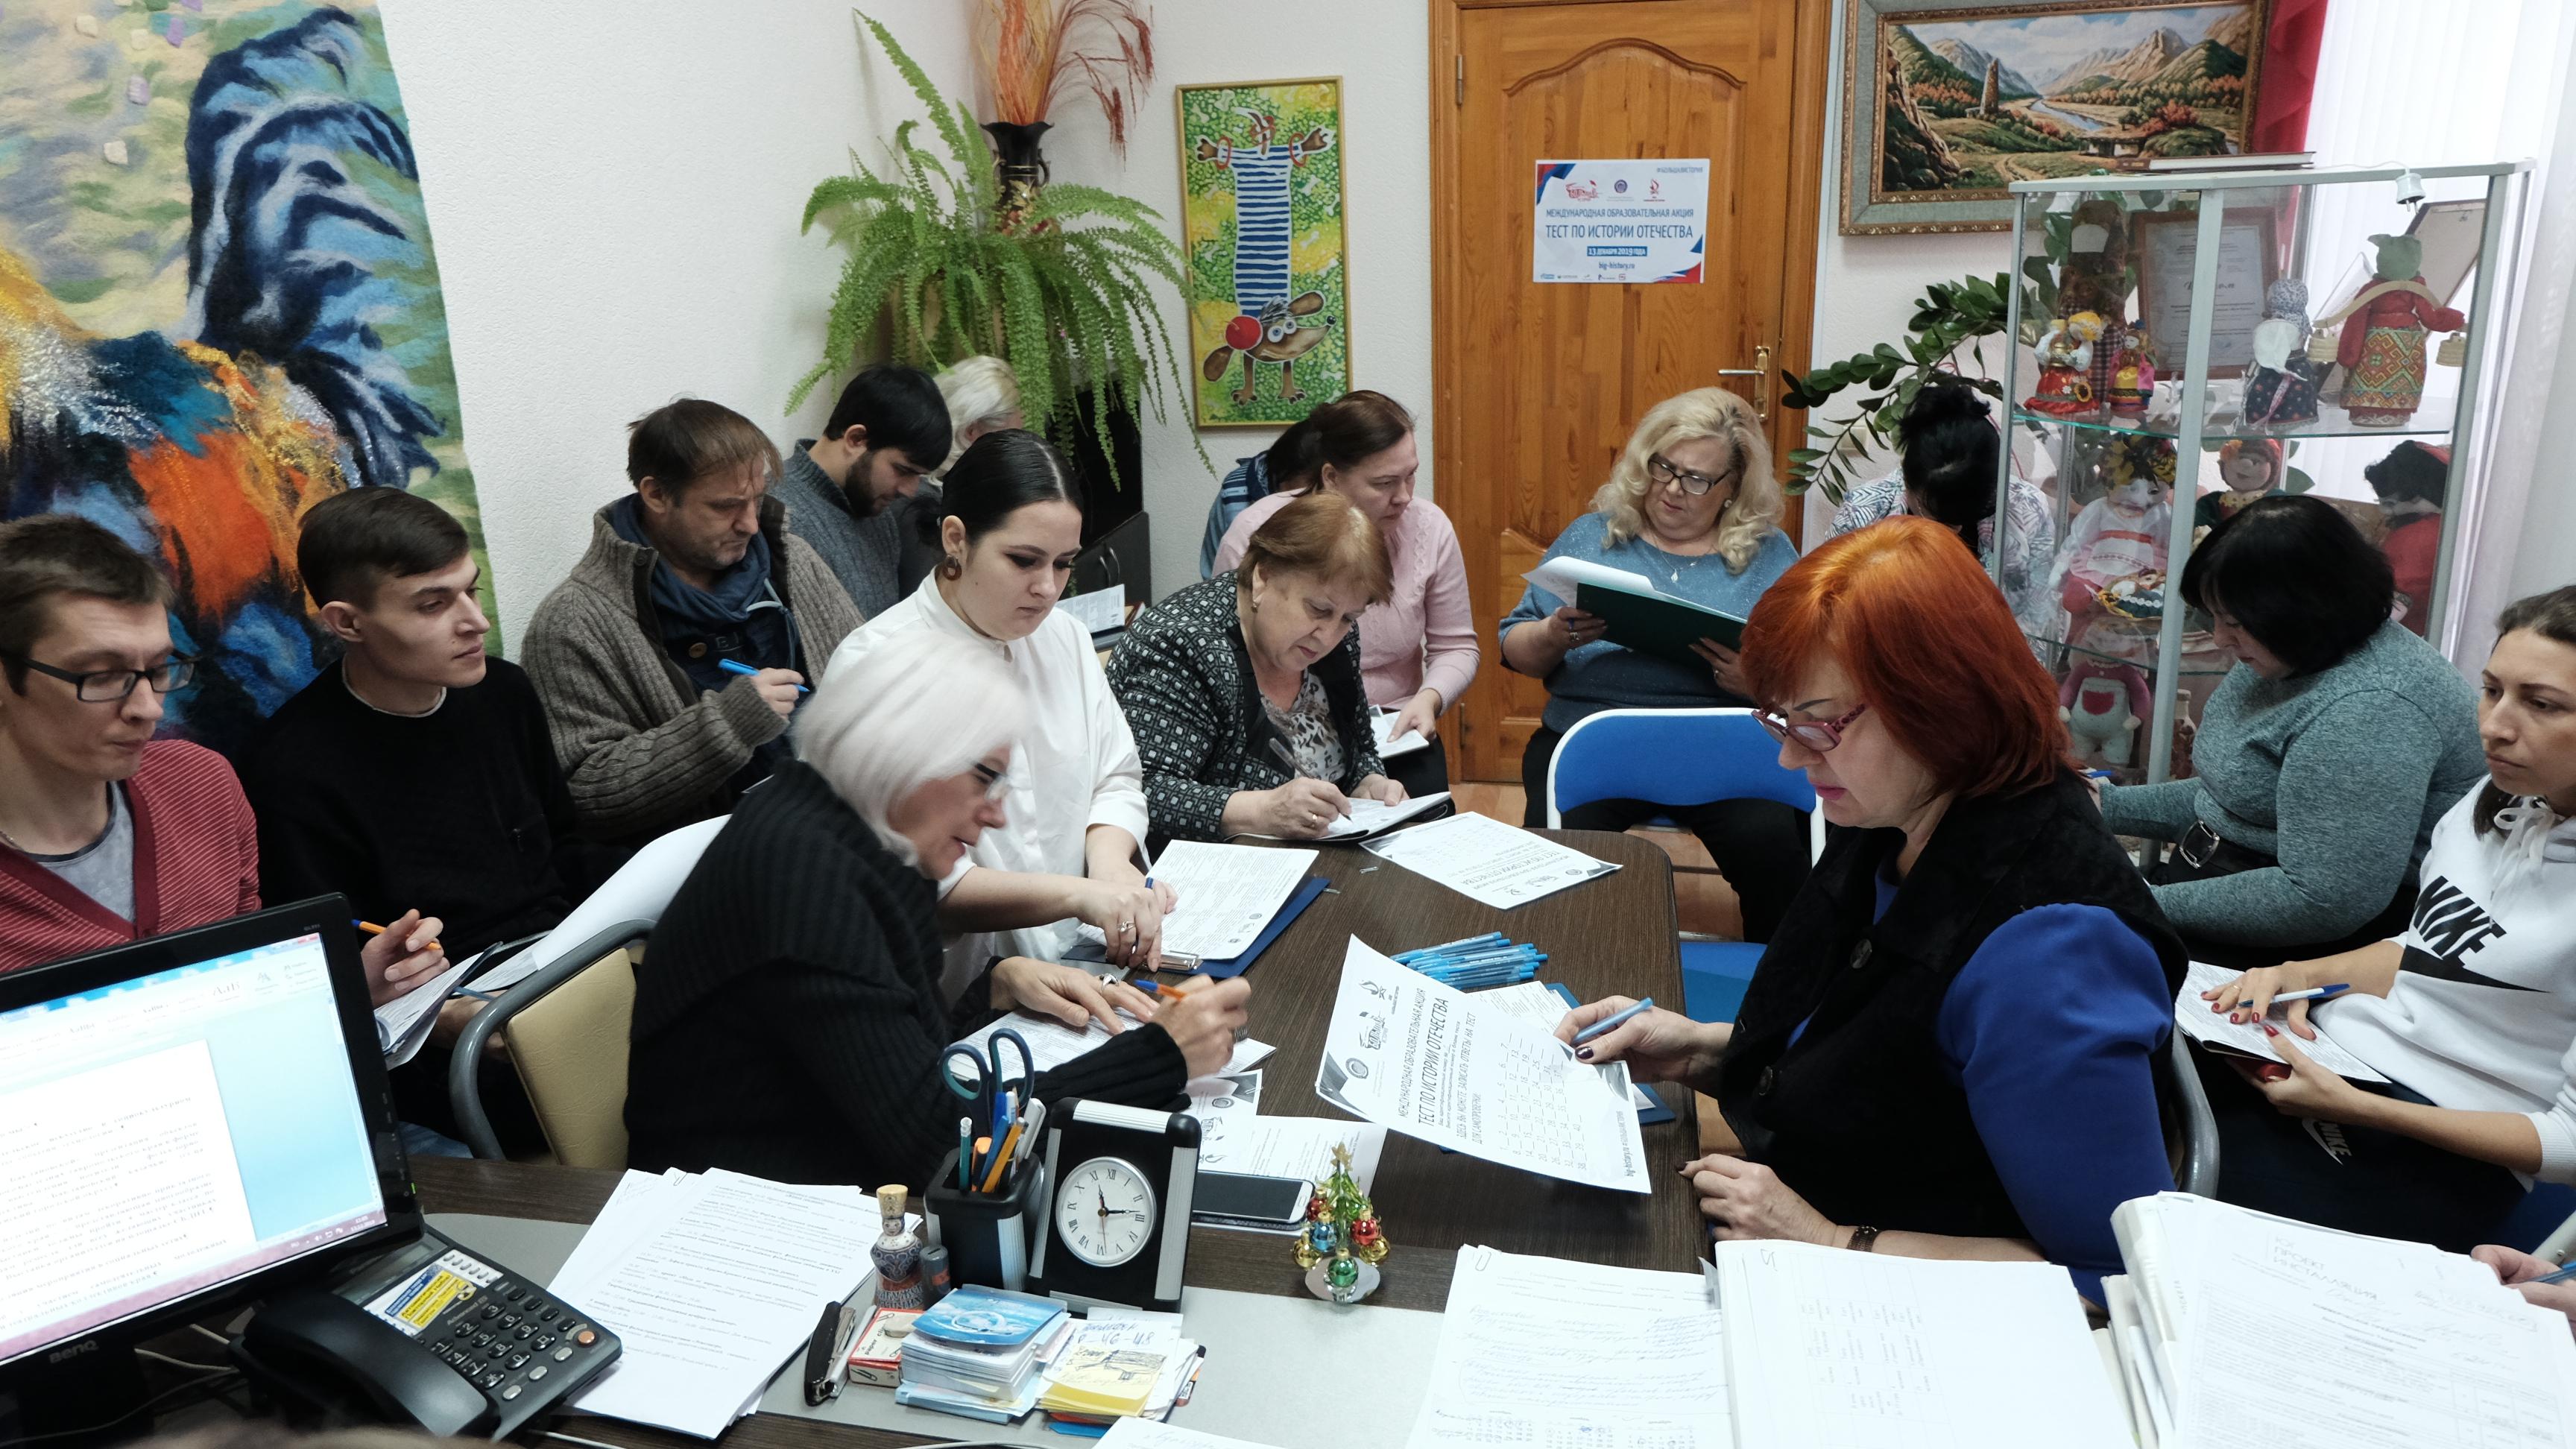 Ставропольский краевой Дом народного творчества стал одной из официально зарегистрированных площадок «Теста по истории Отечества»